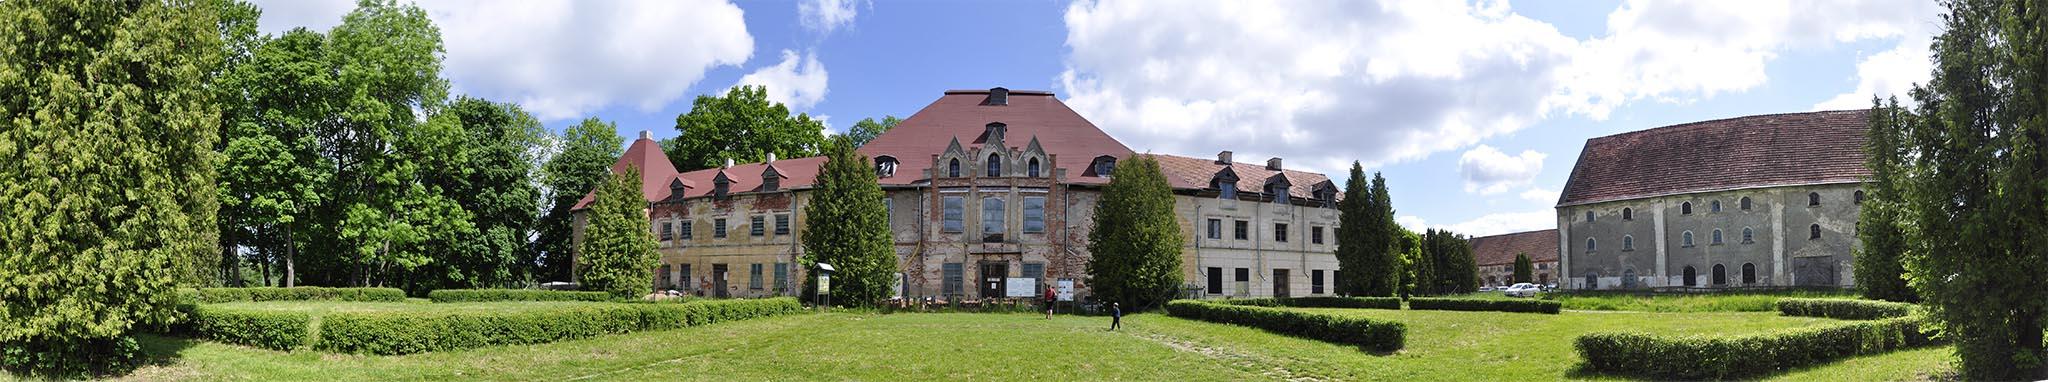 Schloss Sztynort